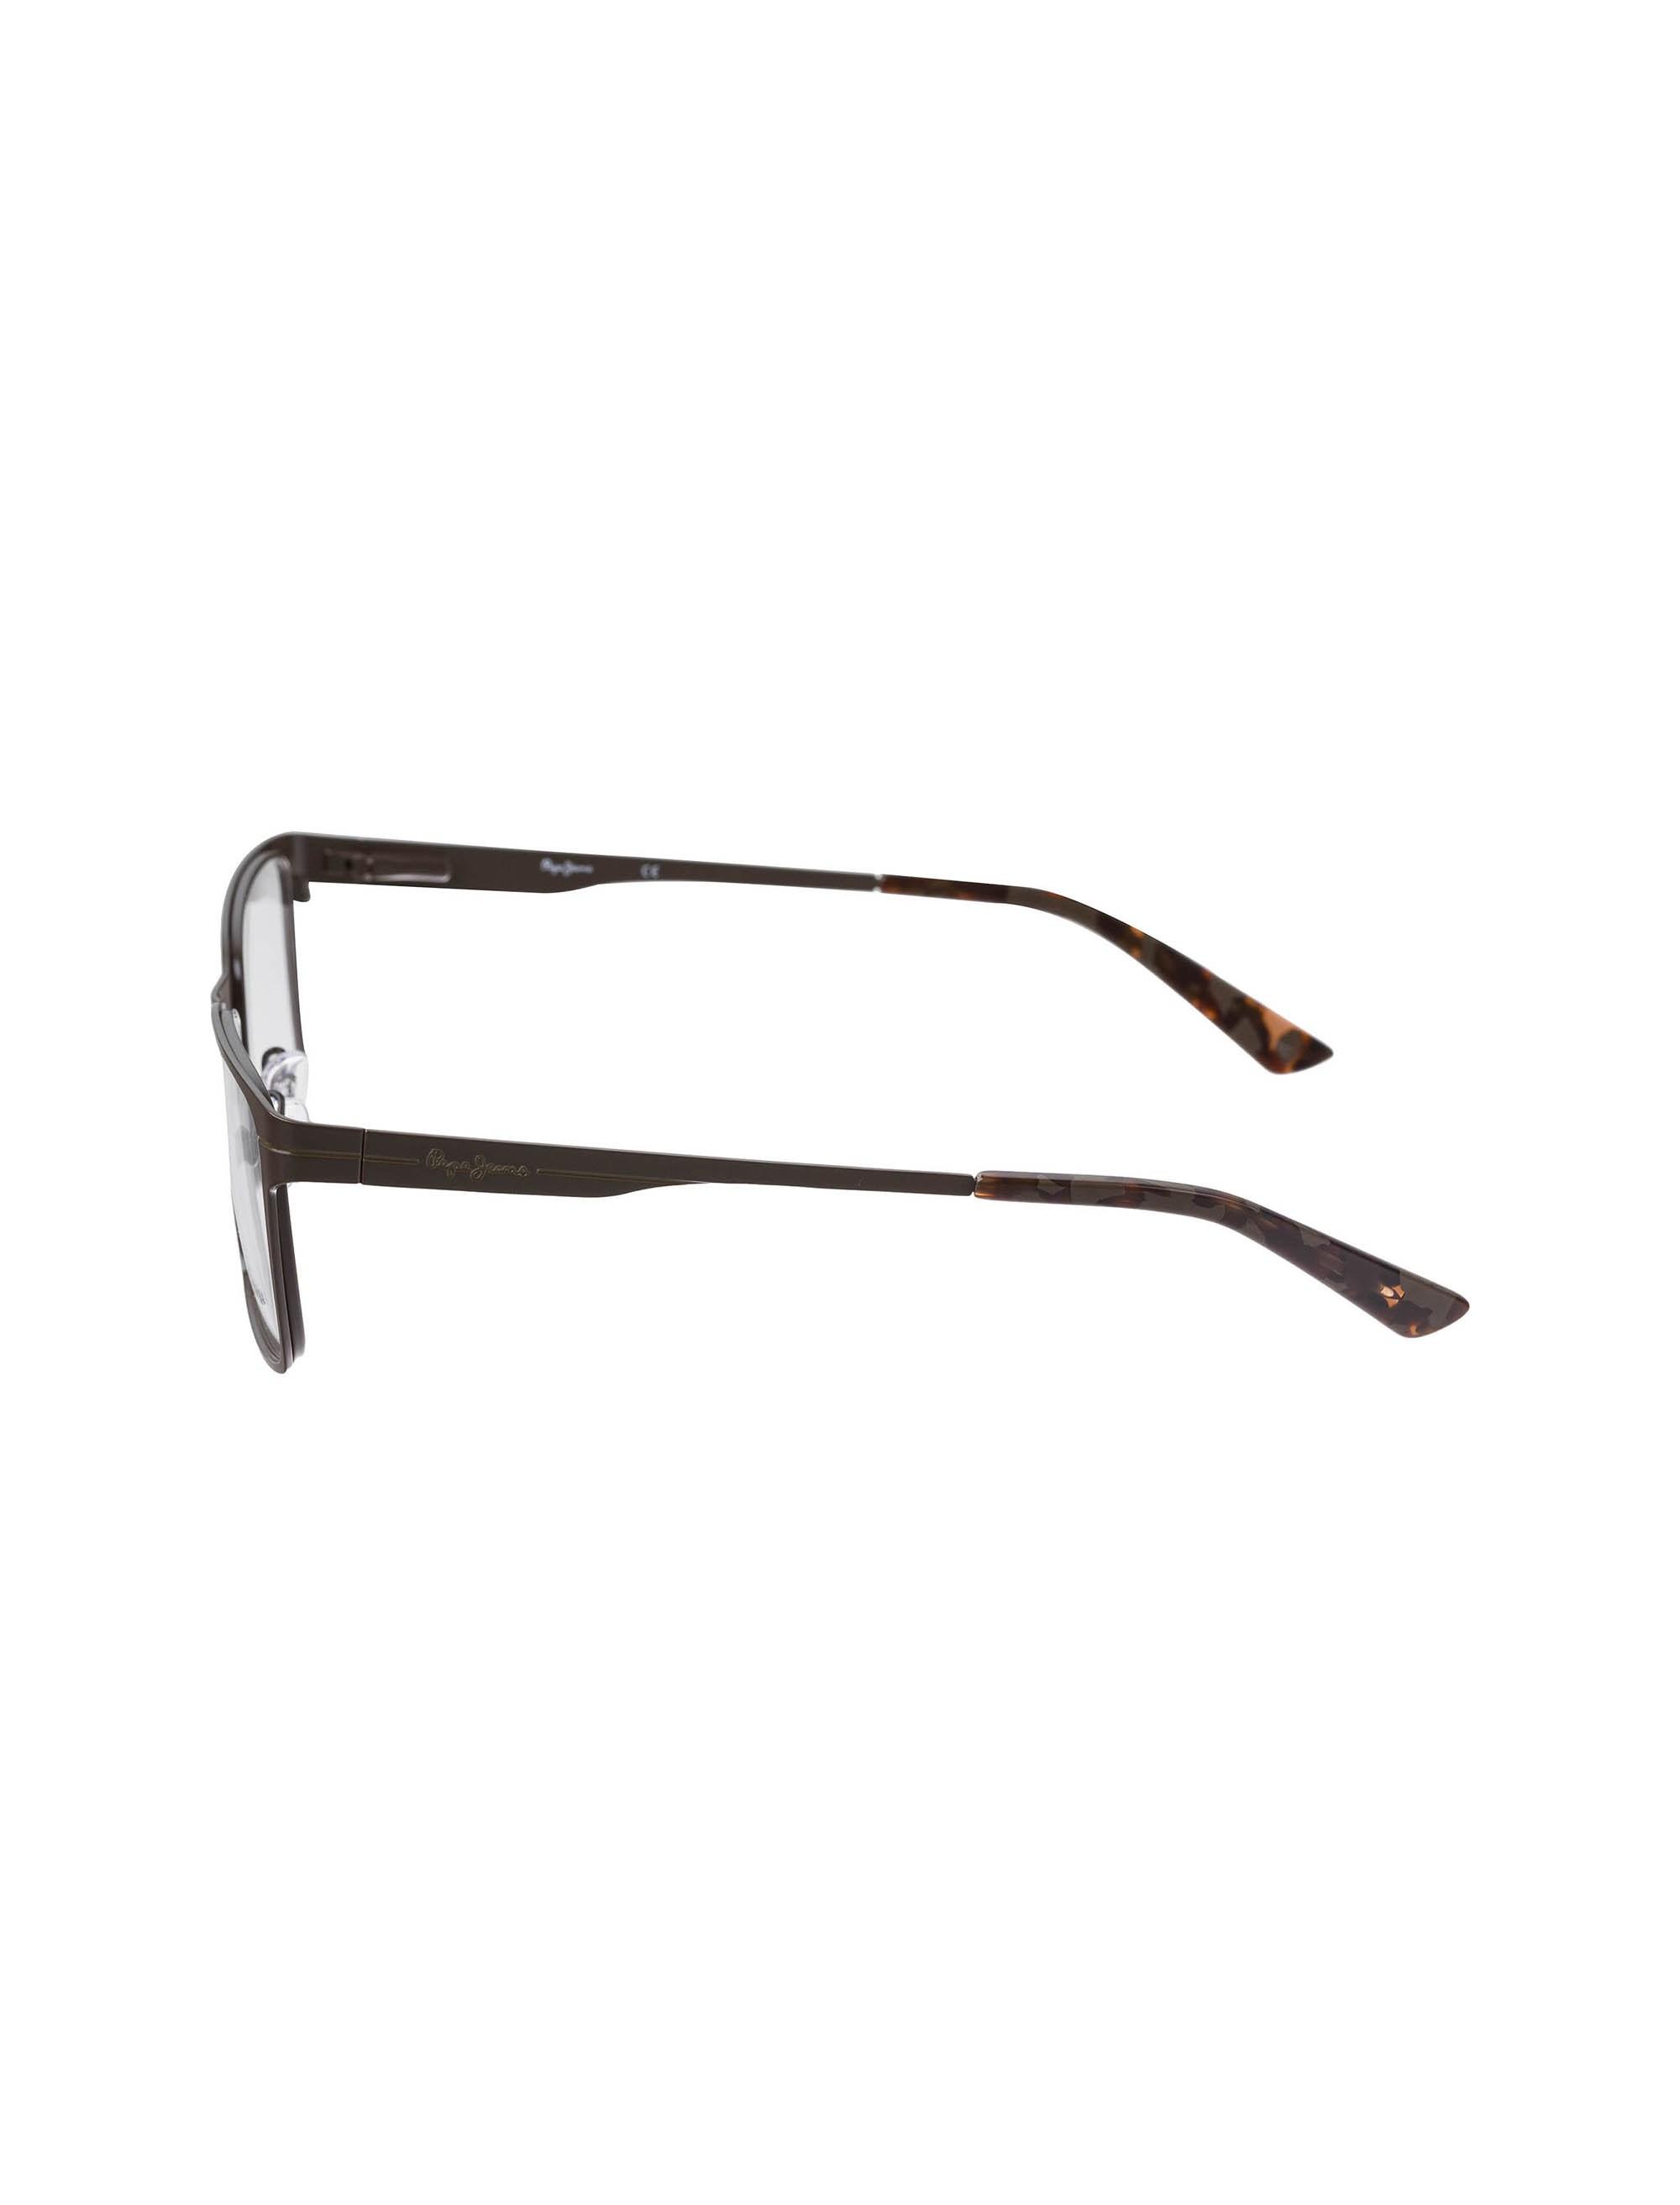 عینک طبی ویفرر مردانه - قهوه اي - 2